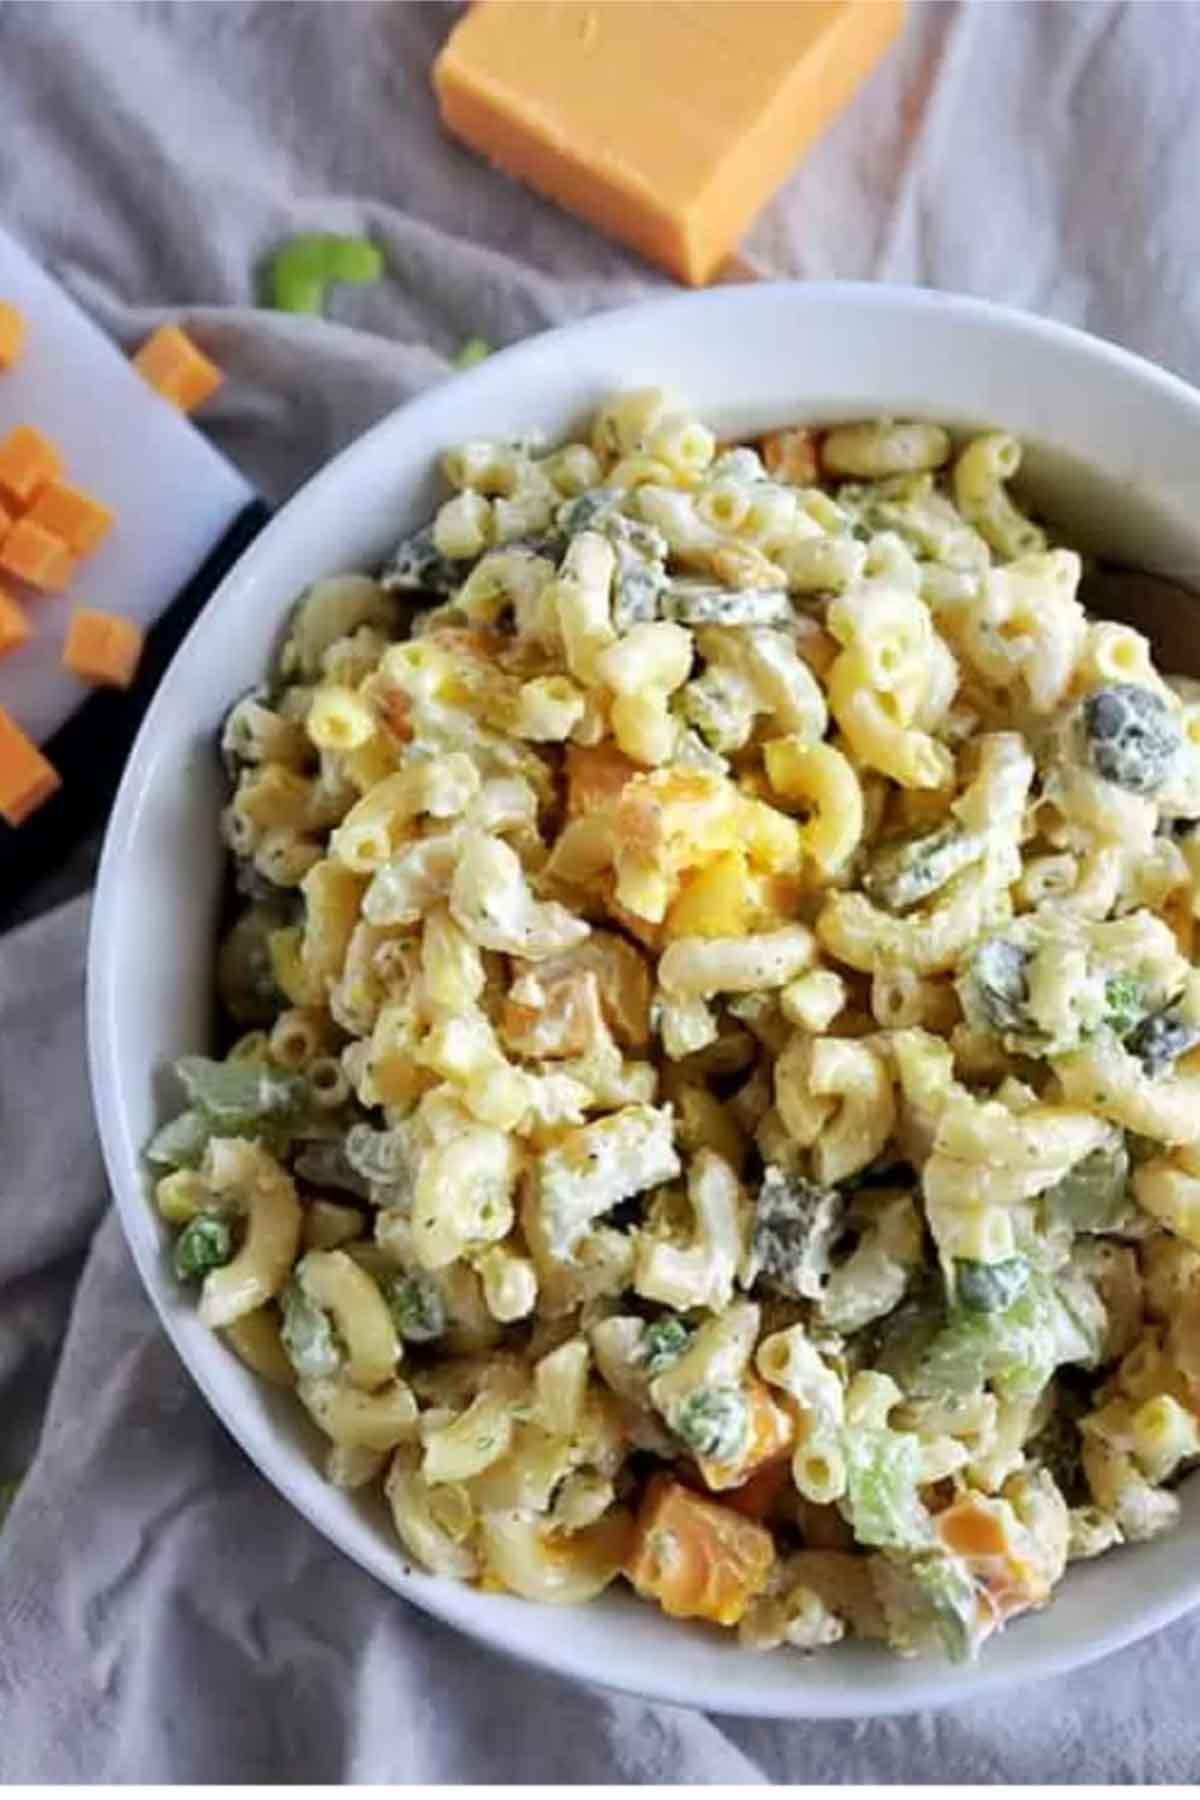 Rancharoni macaroni salad